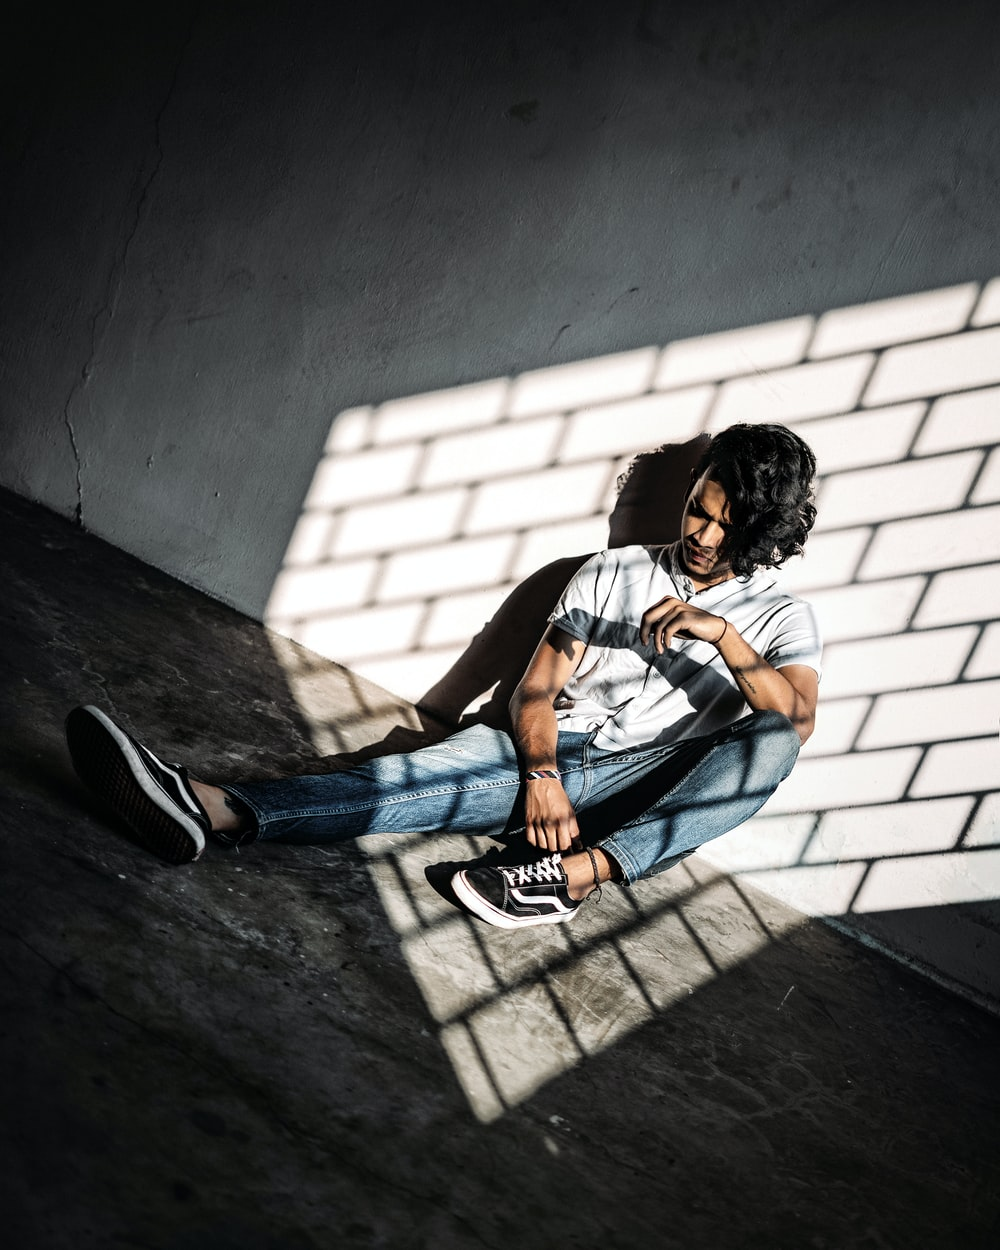 man sitting on wall